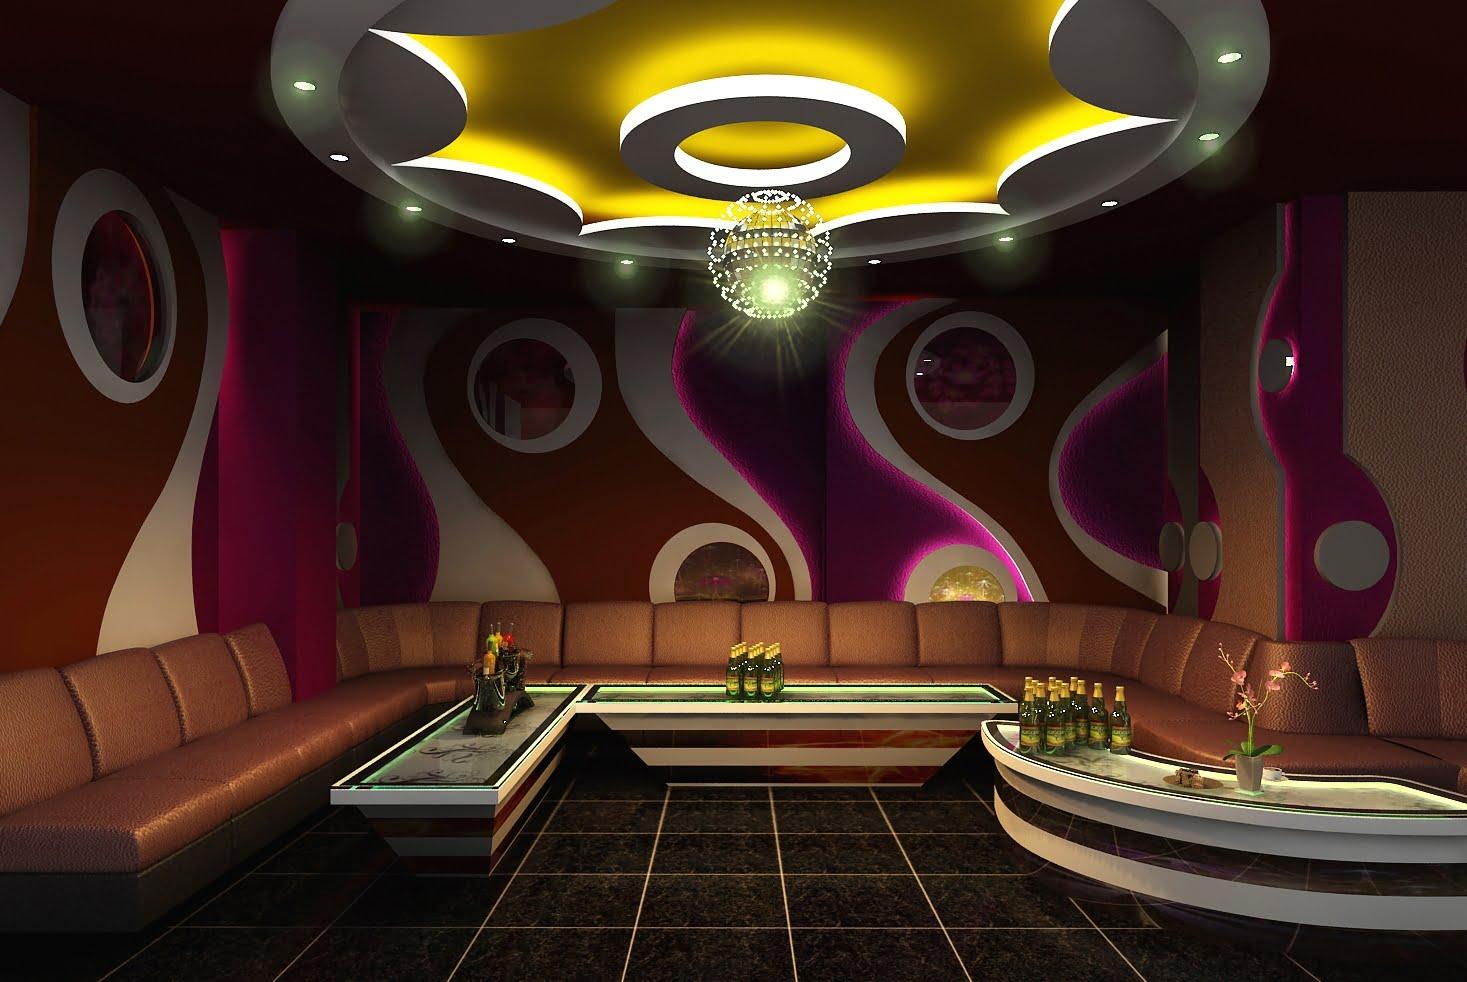 thiết kế phòng karaoke phong cách hiện đại 1